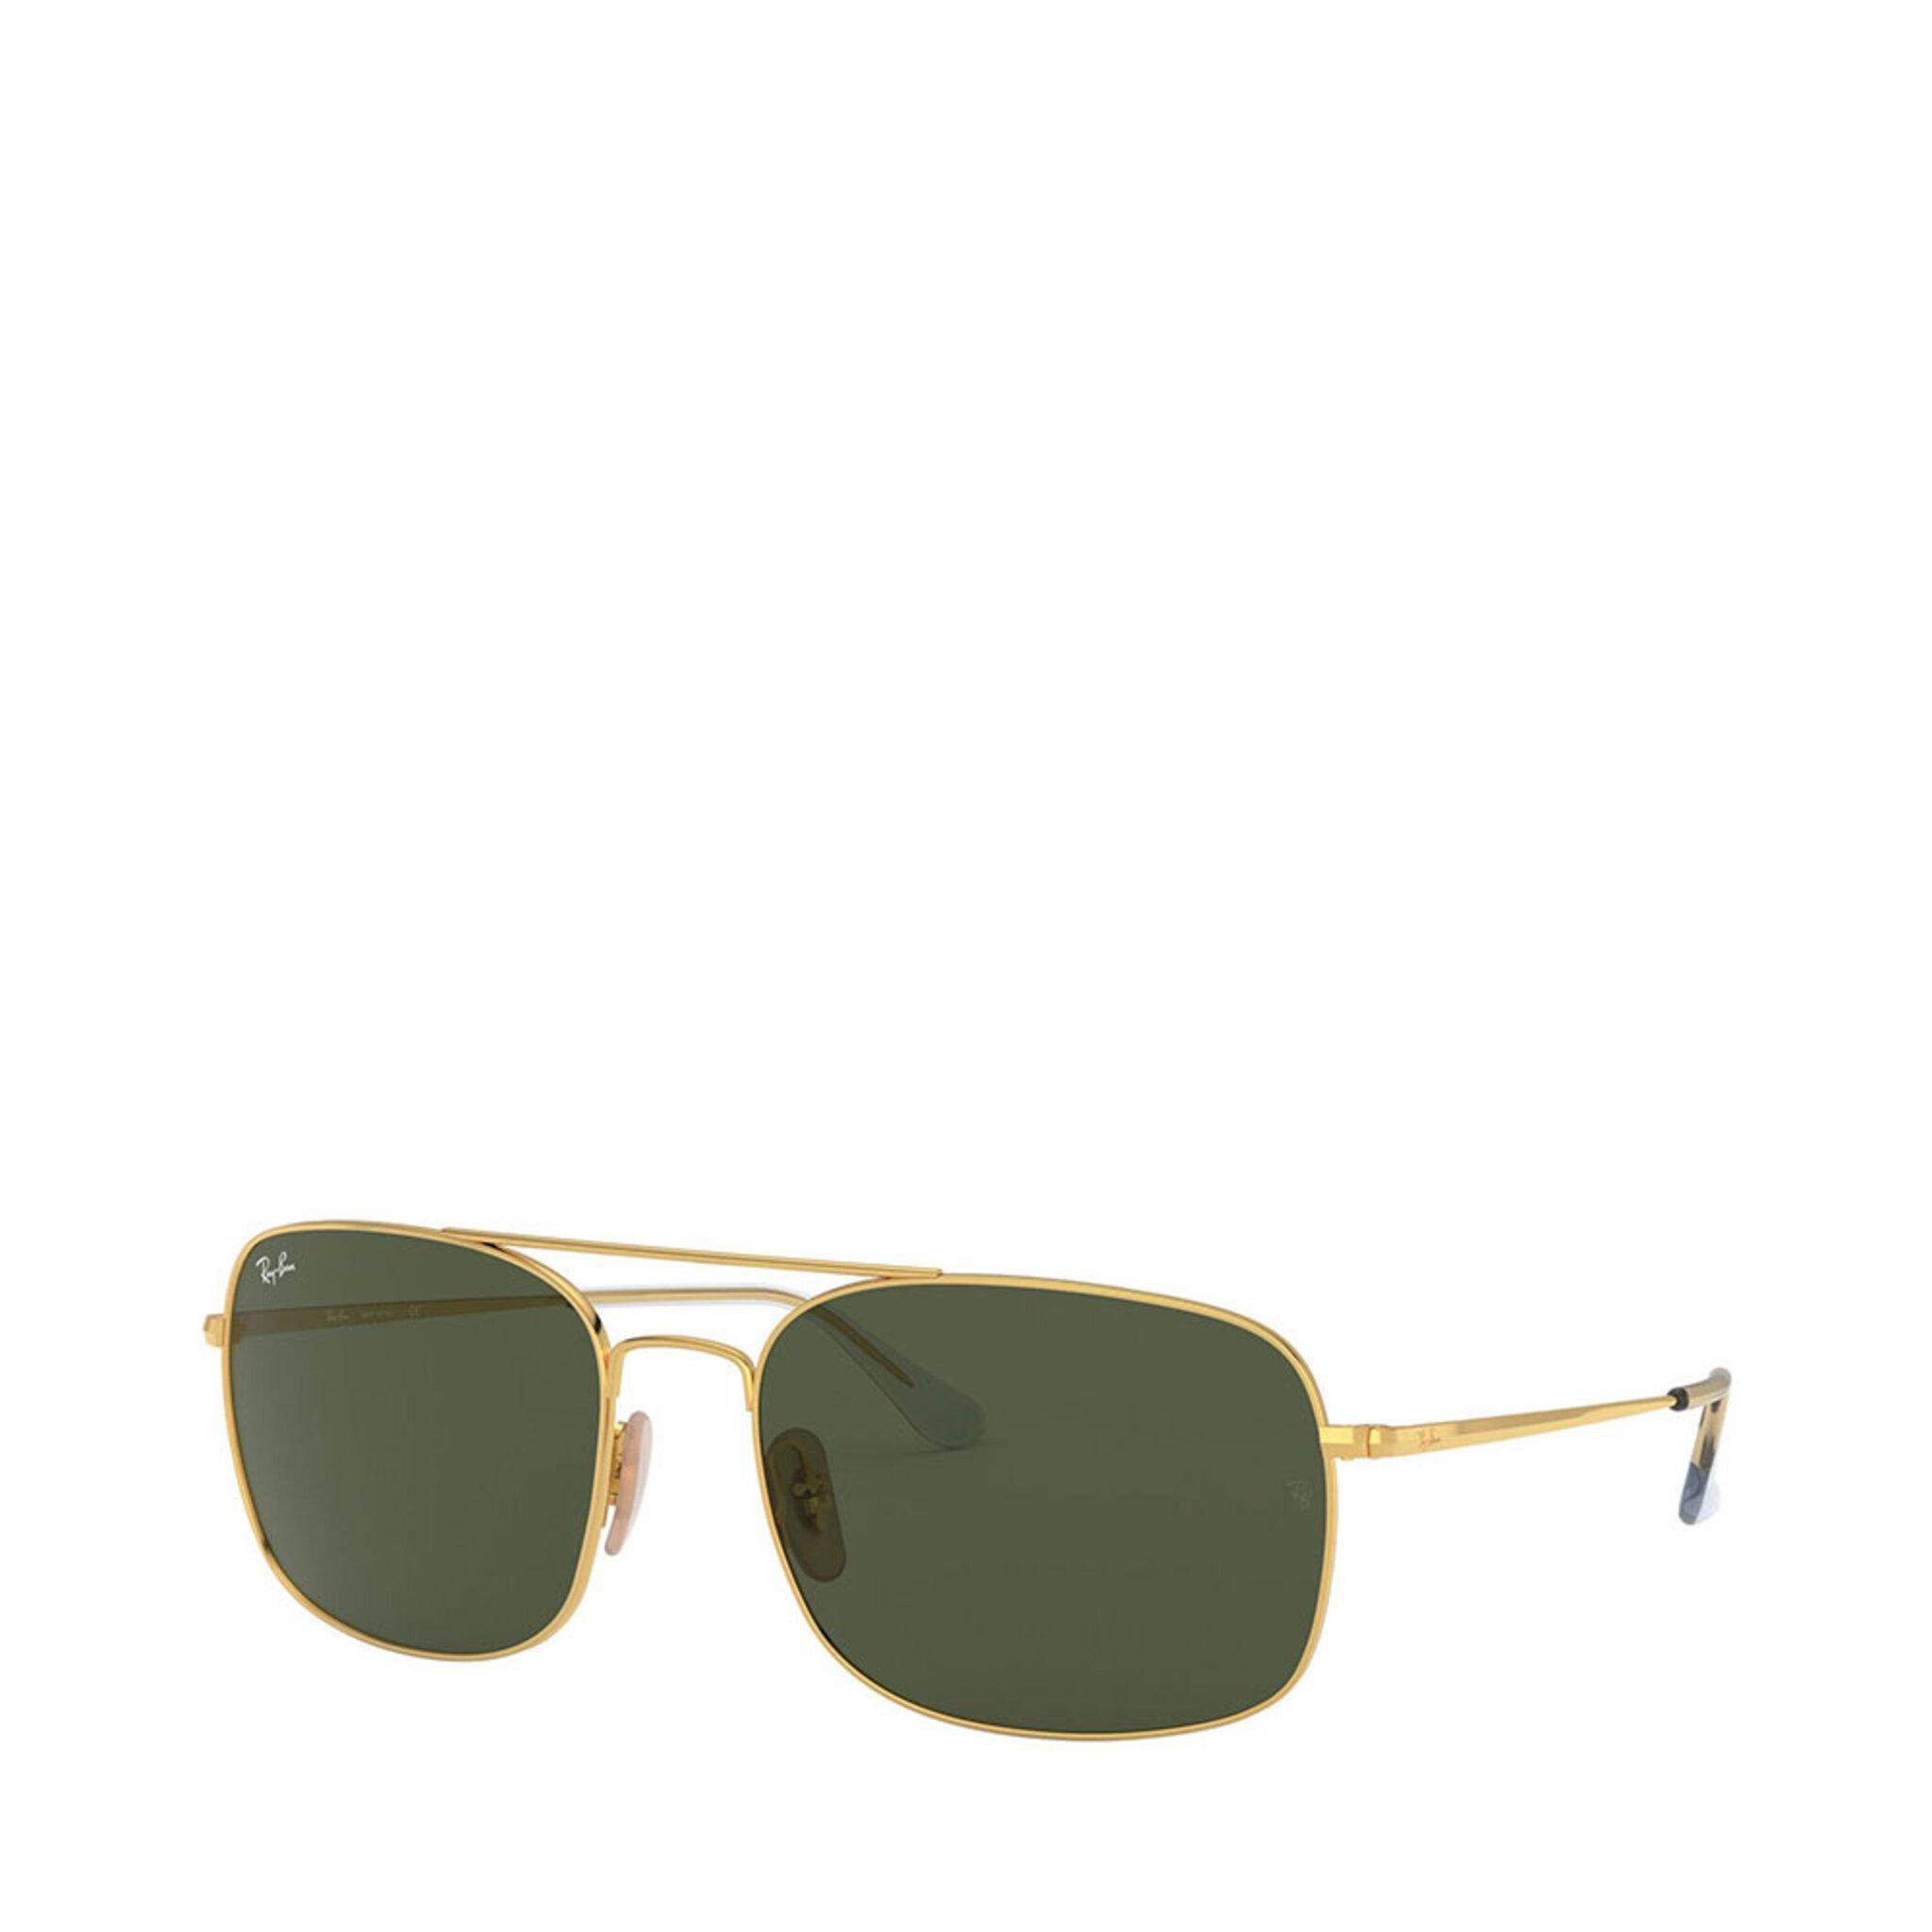 Sunglasses 0RB3611